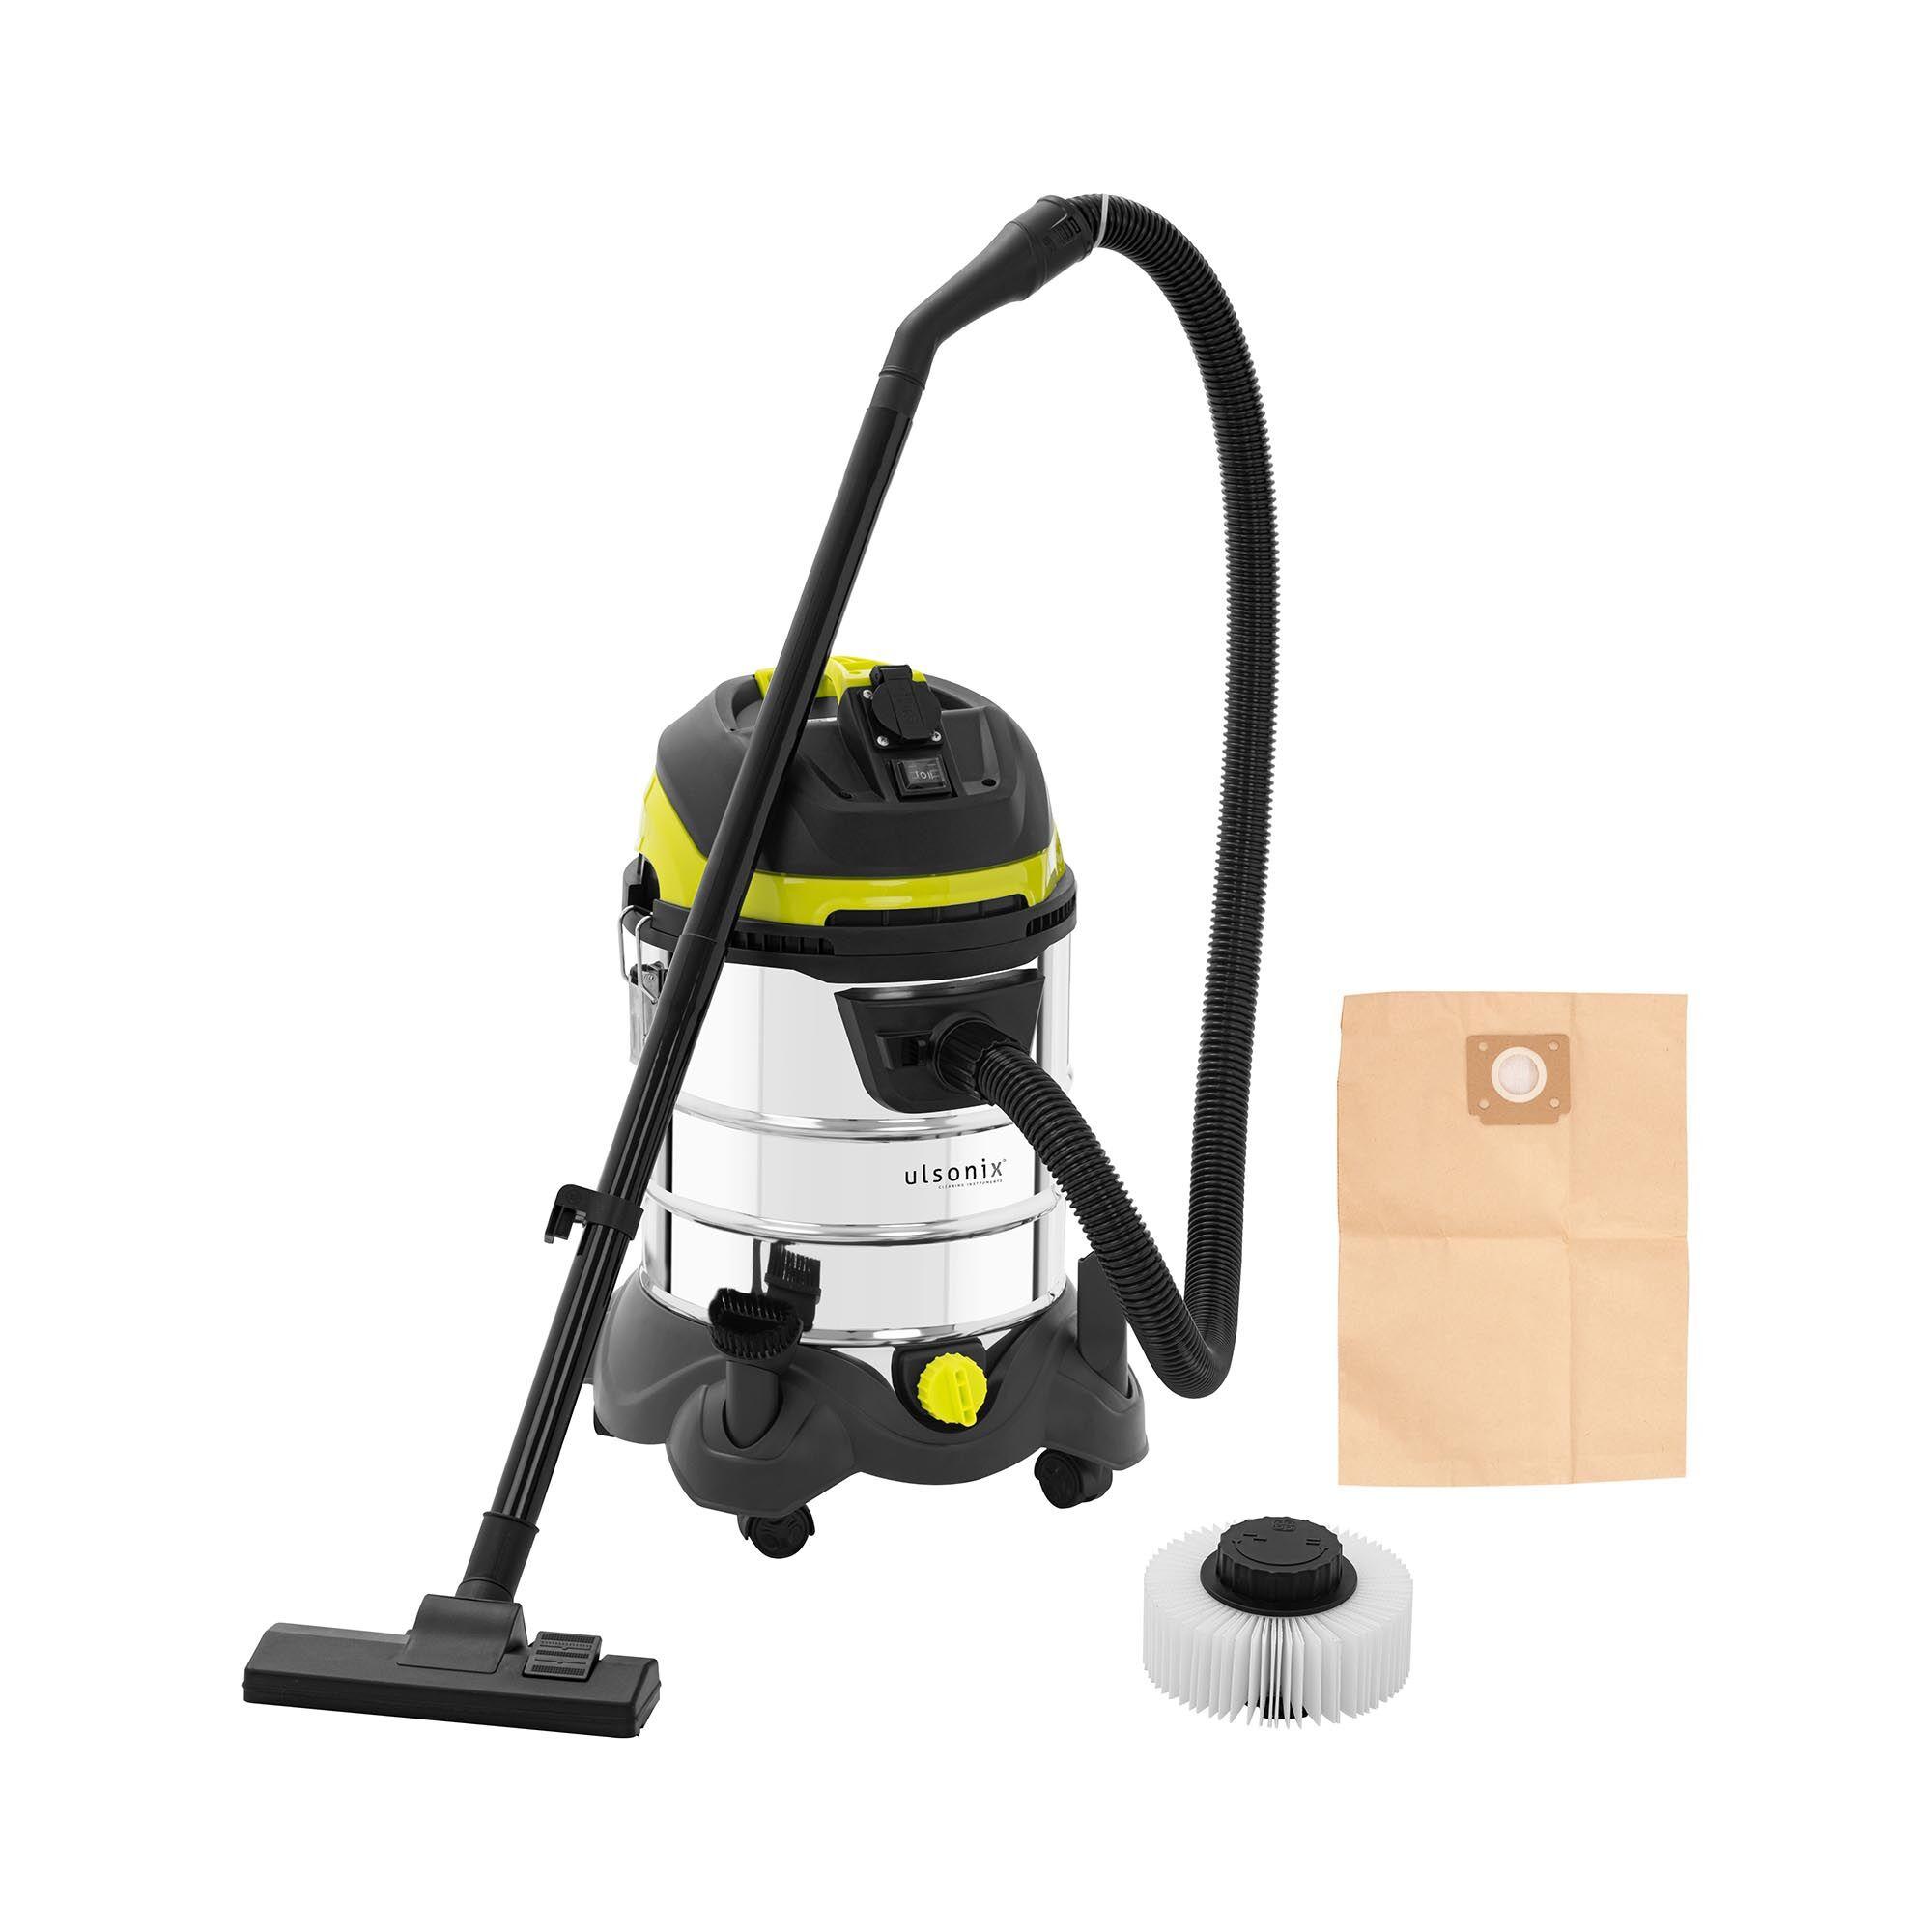 ulsonix Aspirateur eau et poussière - 1 400 W - 25 l - Avec prise électrique FLOORCLEAN 25DS